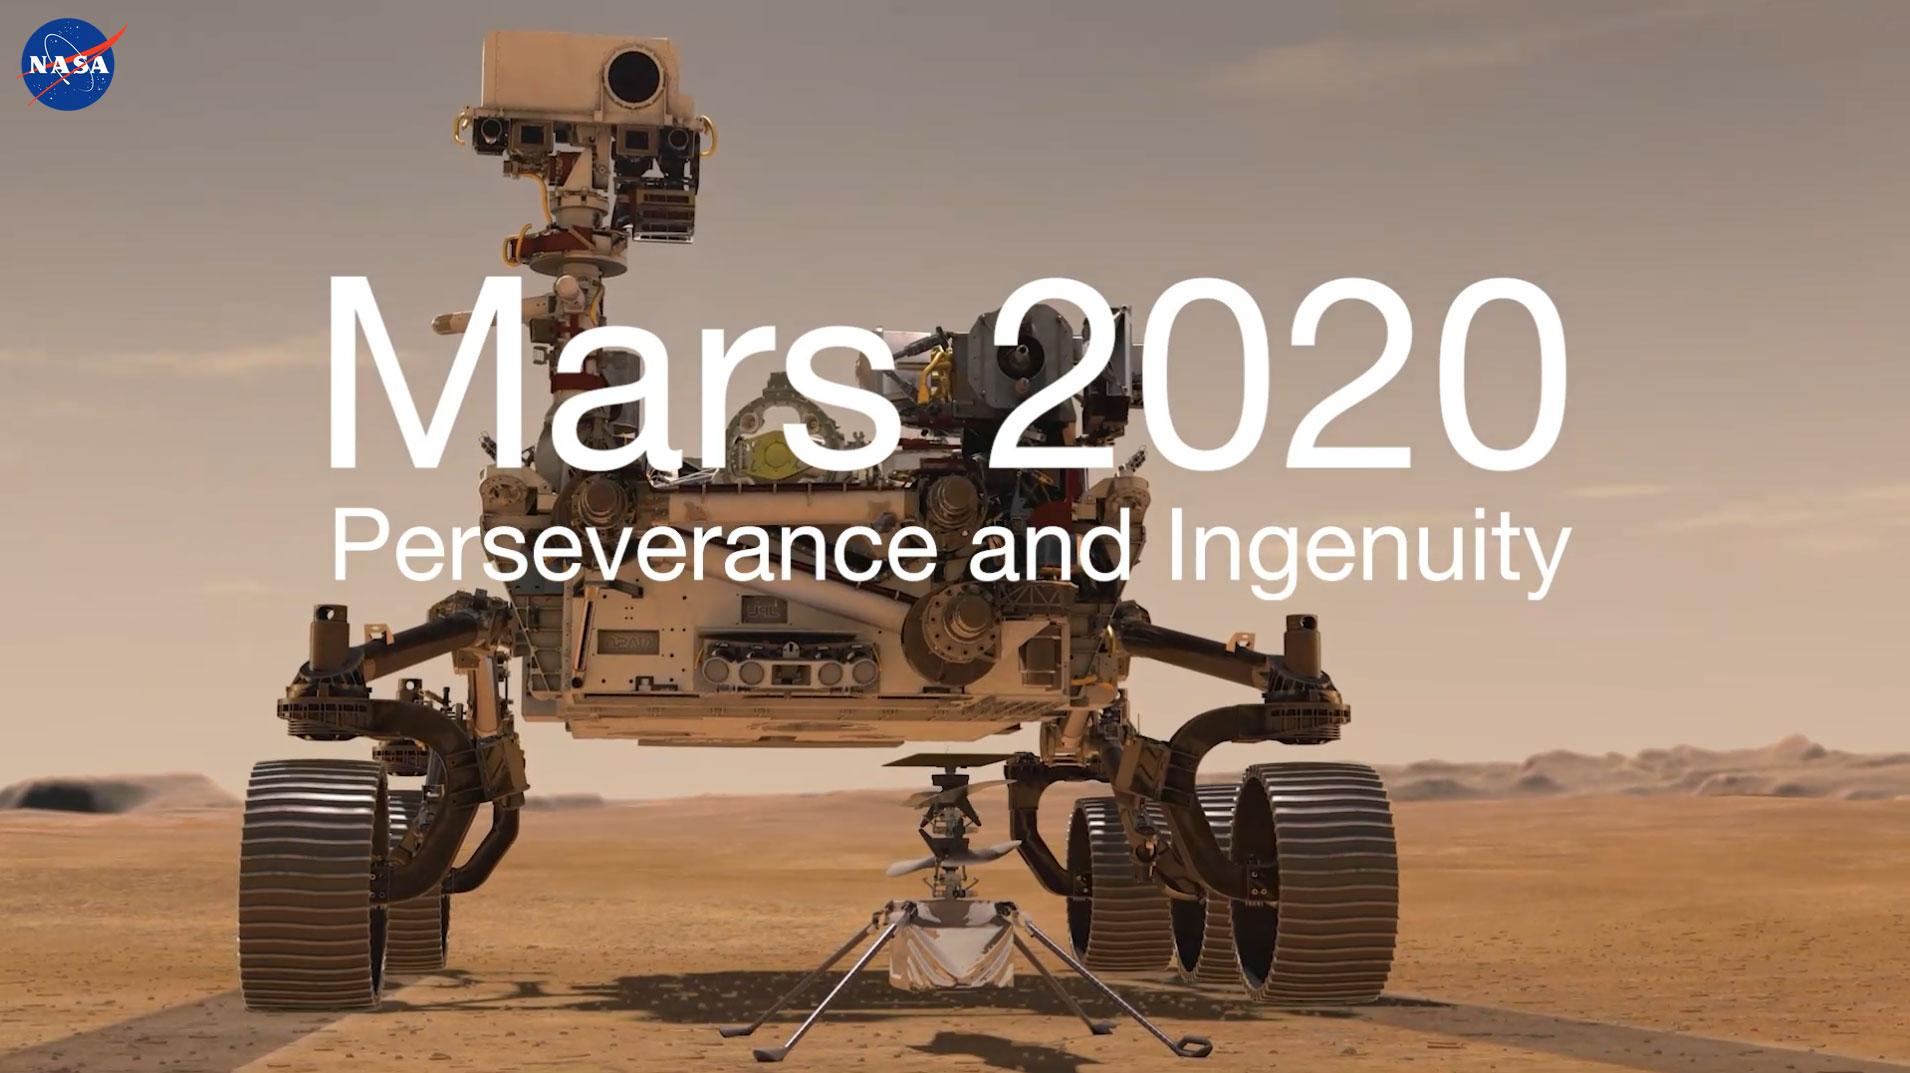 NASA Virtual Guest Mars 2020 Perseverance